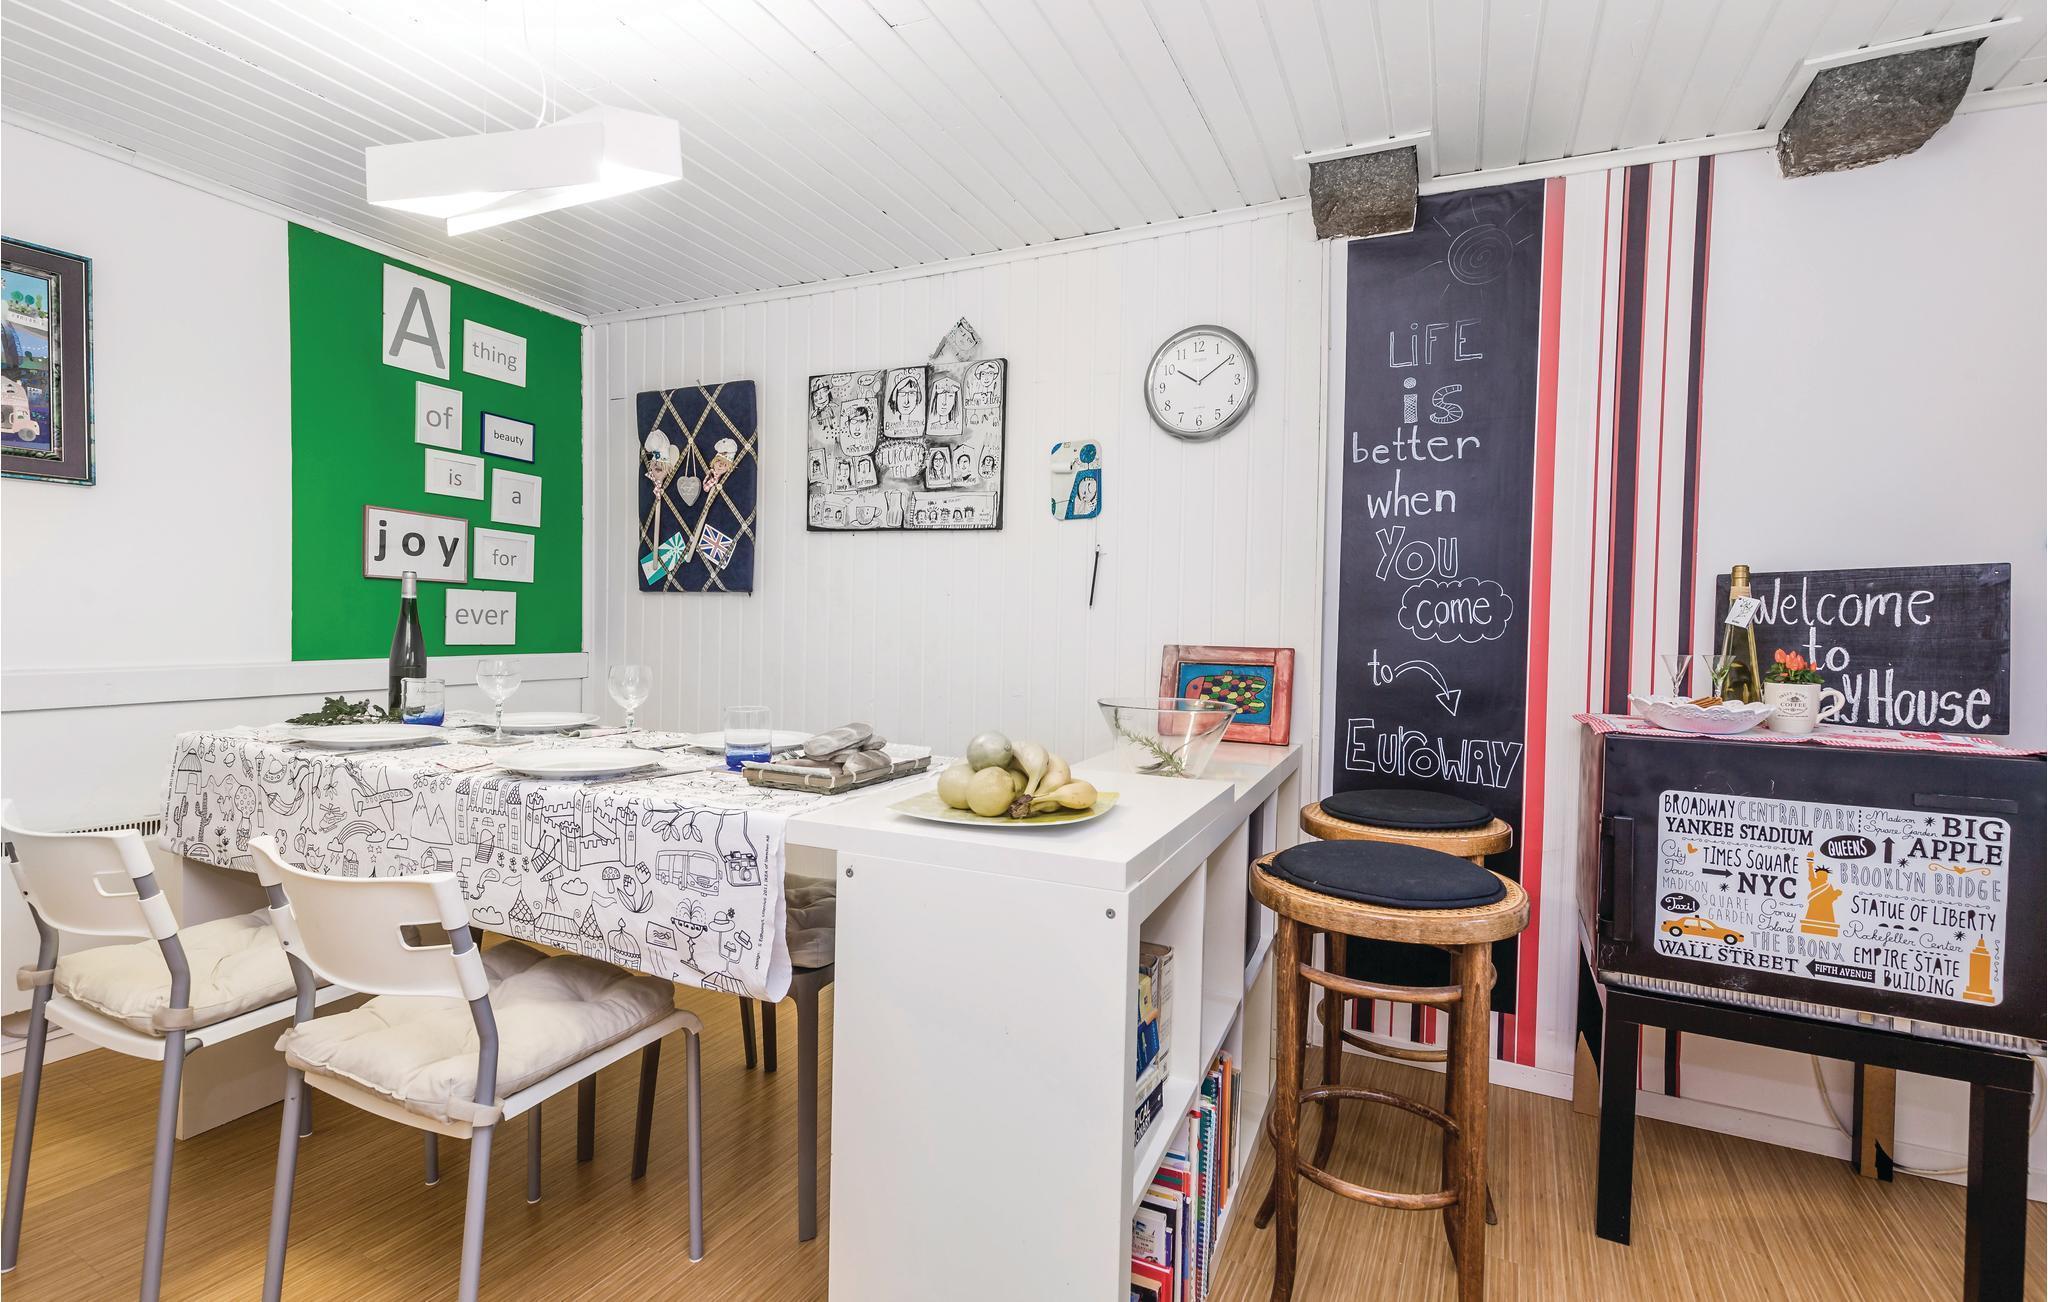 Holiday Home/Apartment - 6 persons - Milana Marjanovica - Opatija ...